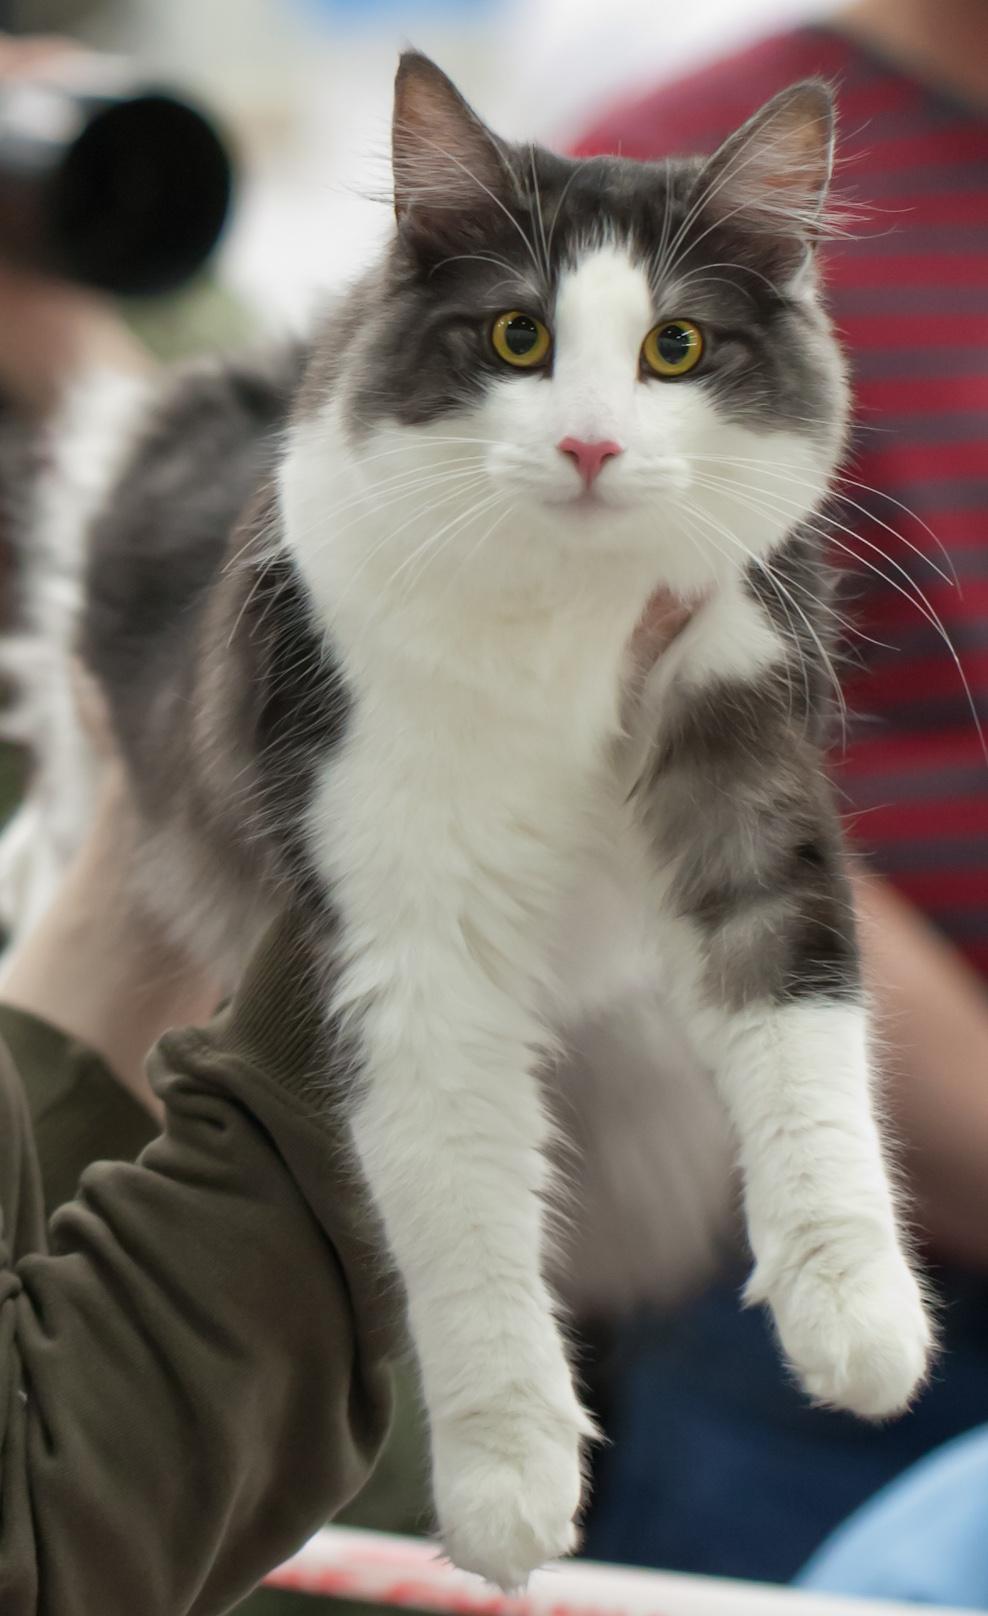 Cat'omatic Snöhetta [NFO ns 03], photo 201062, 2012-11-25